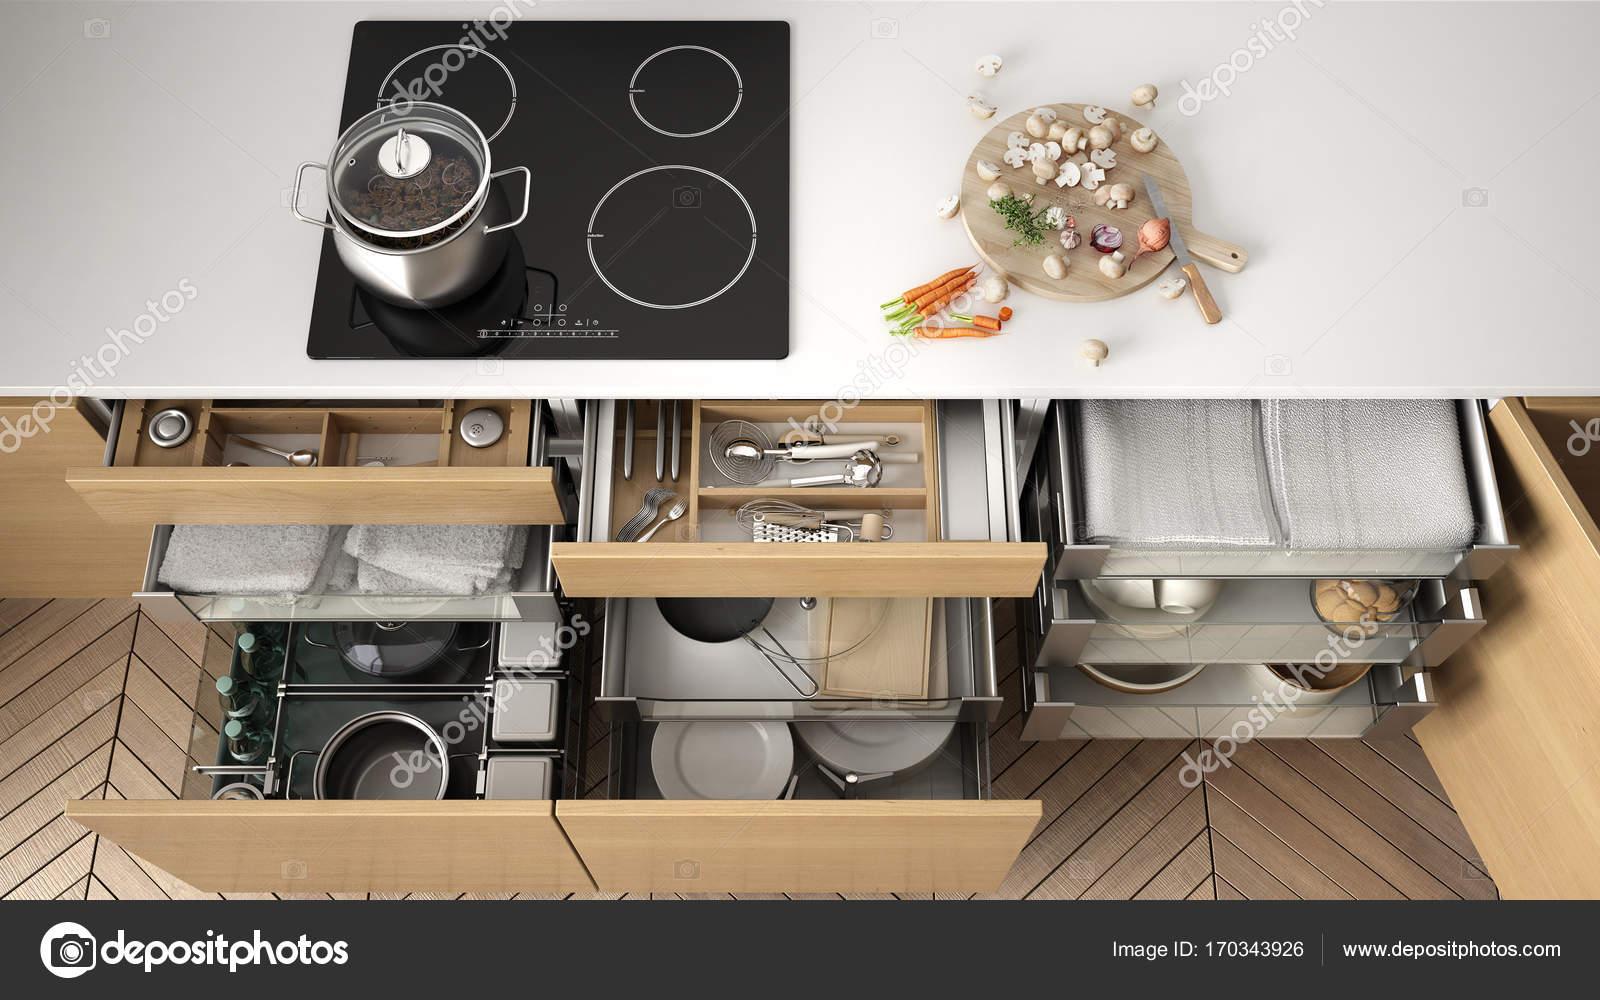 ouvre le tiroir de cuisine en bois avec accessoires lintrieur solution de conservation de la cuisine et organisation cuisine design intrieur moderne